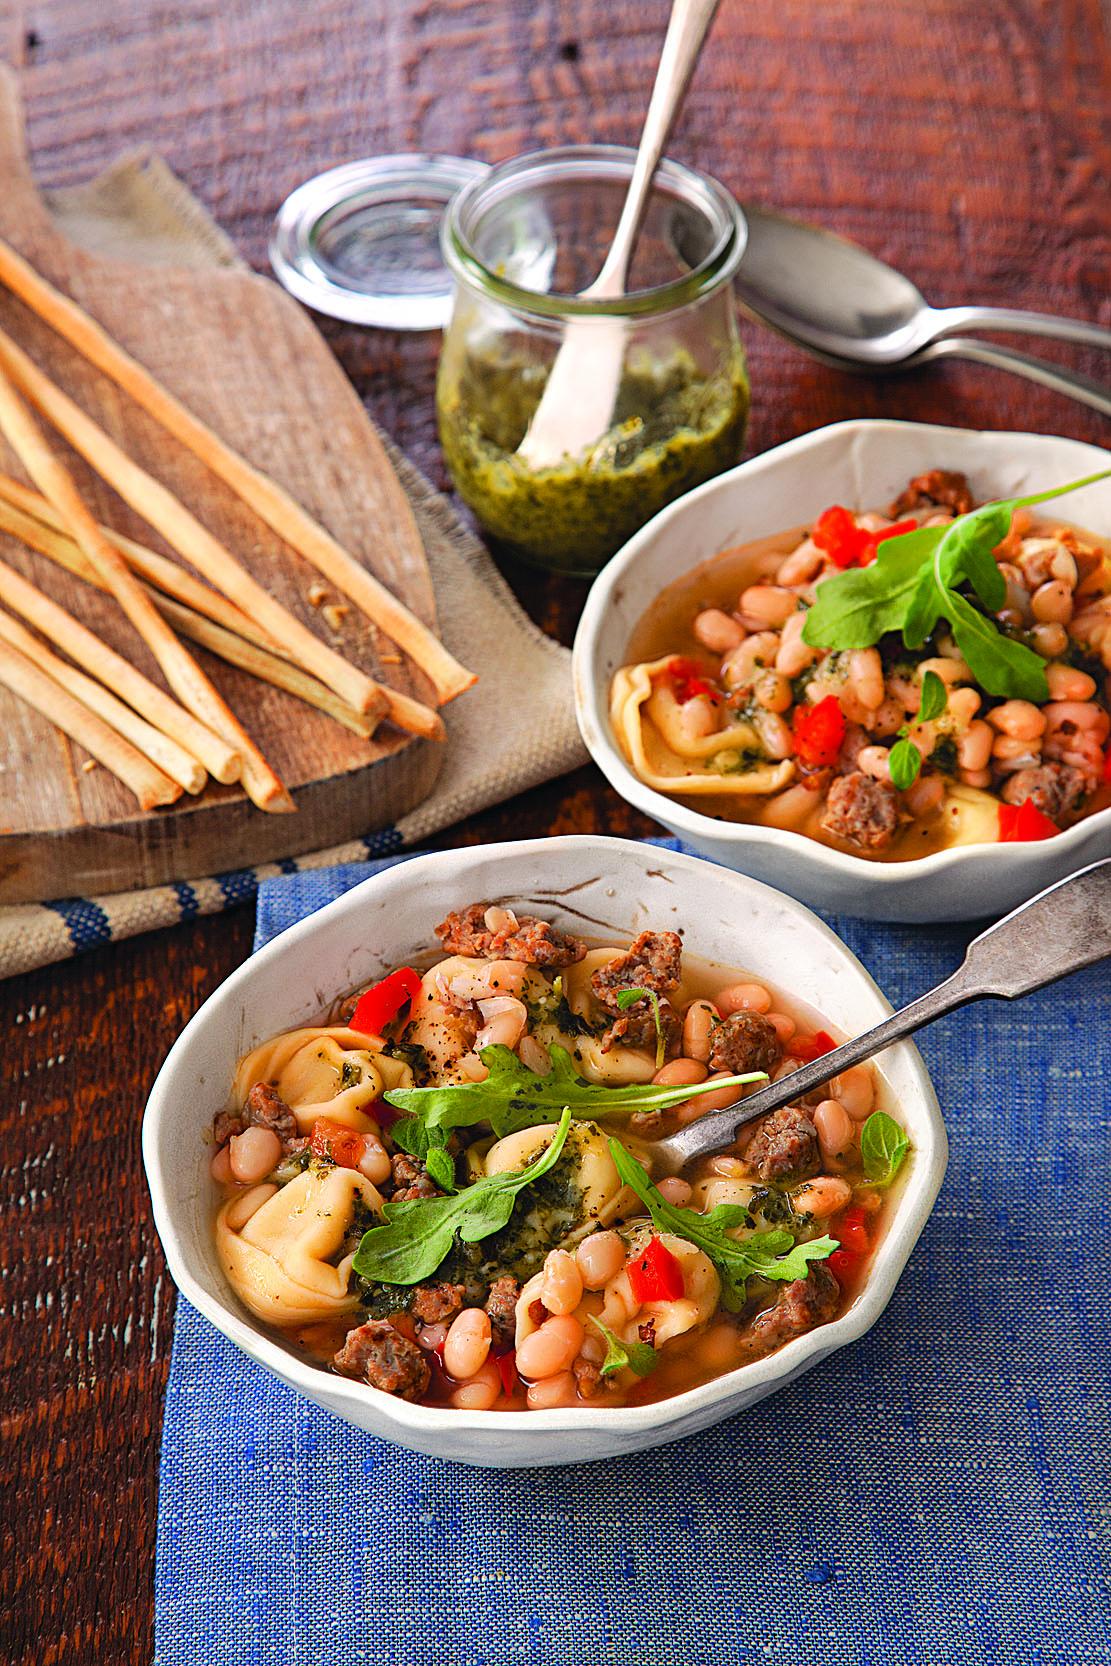 White Bean, Turkey Sausage, and Tortellini Soup